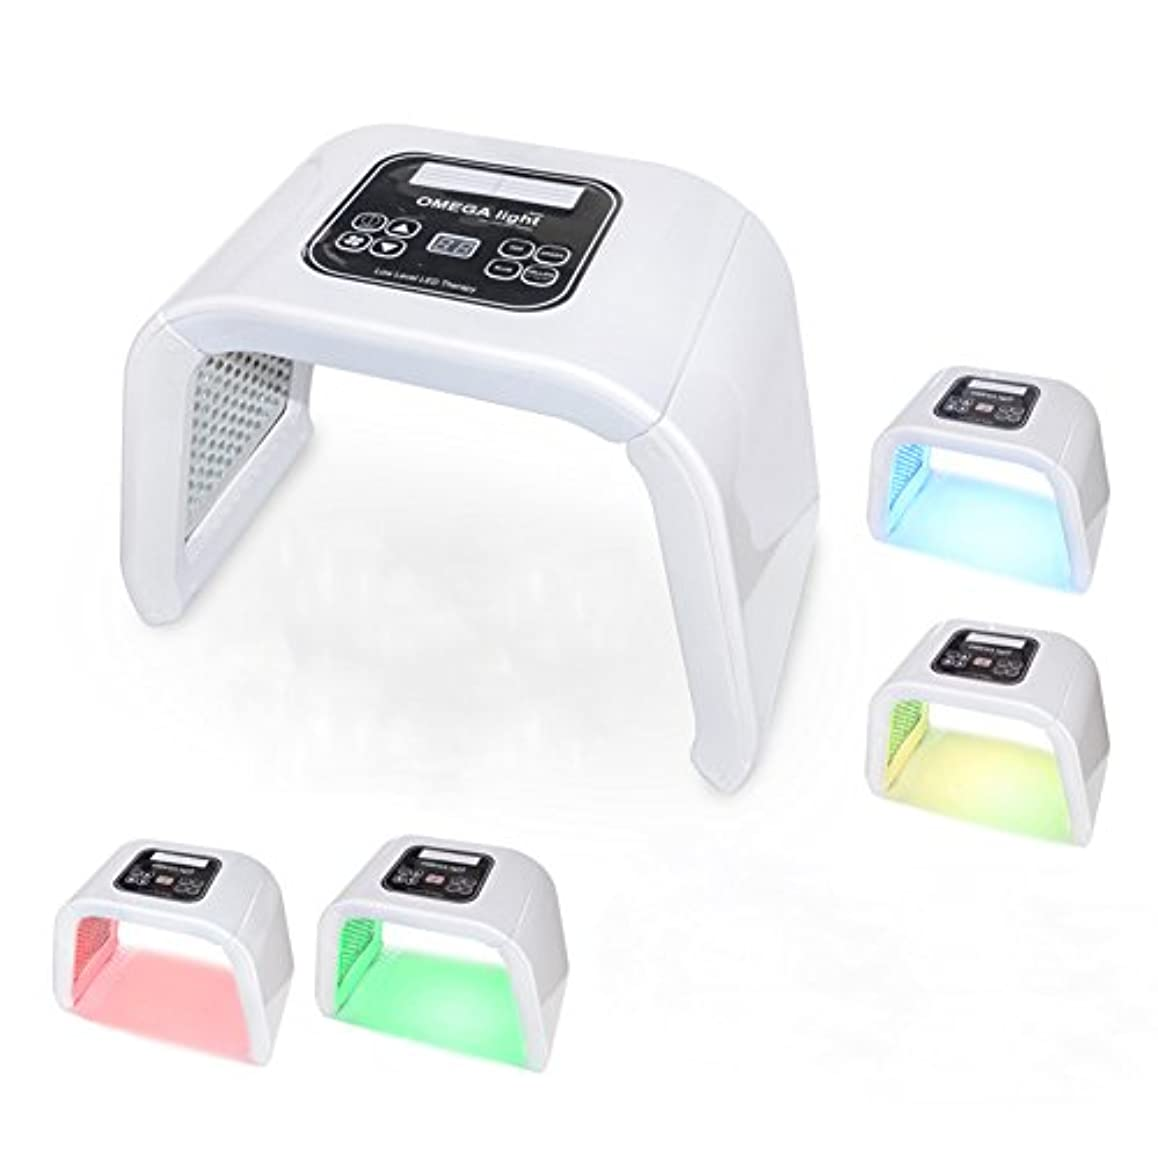 ローラーピルファーリラックスしたにきびの皮の若返りの美装置を白くする光子療法機械LED 4色,White